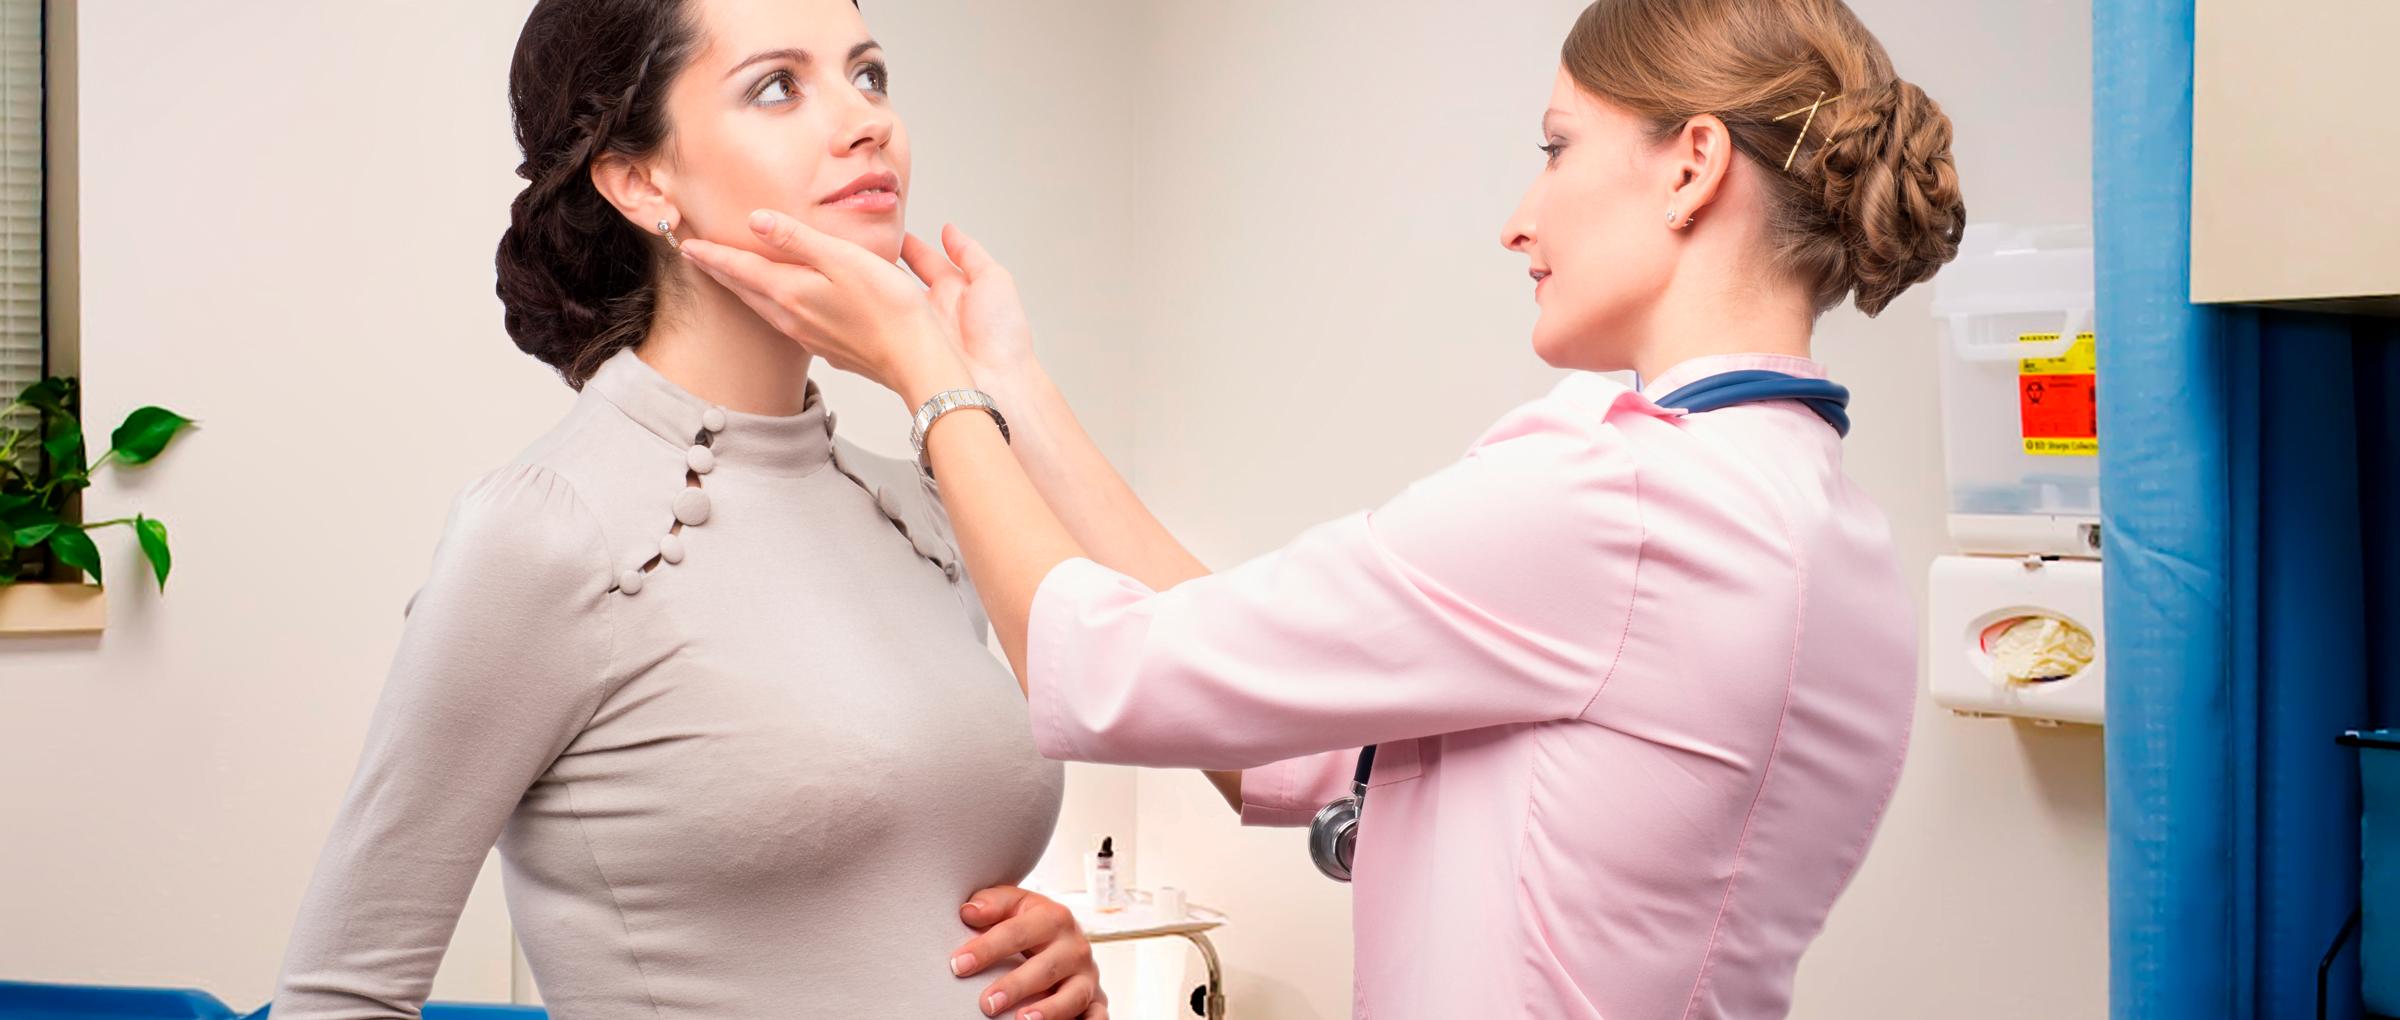 Imagen: Thyroid gland control